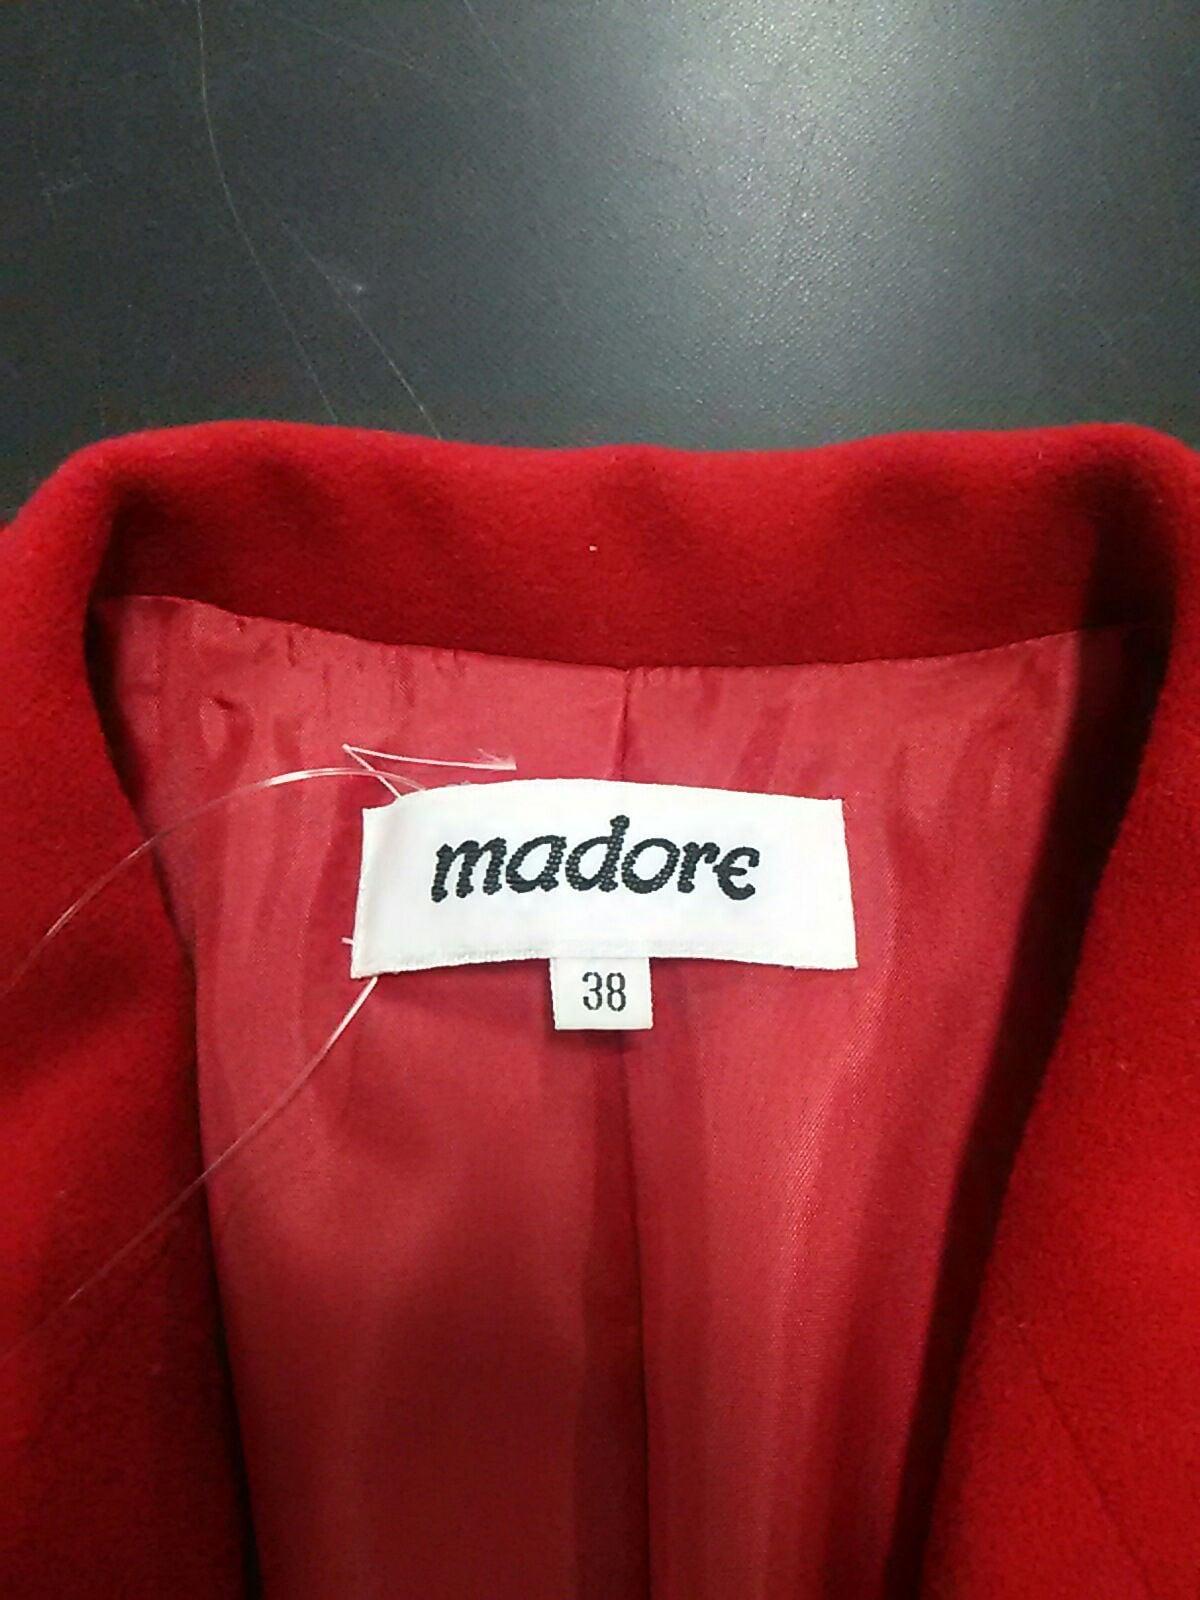 MaDore(マドーレ)のジャケット